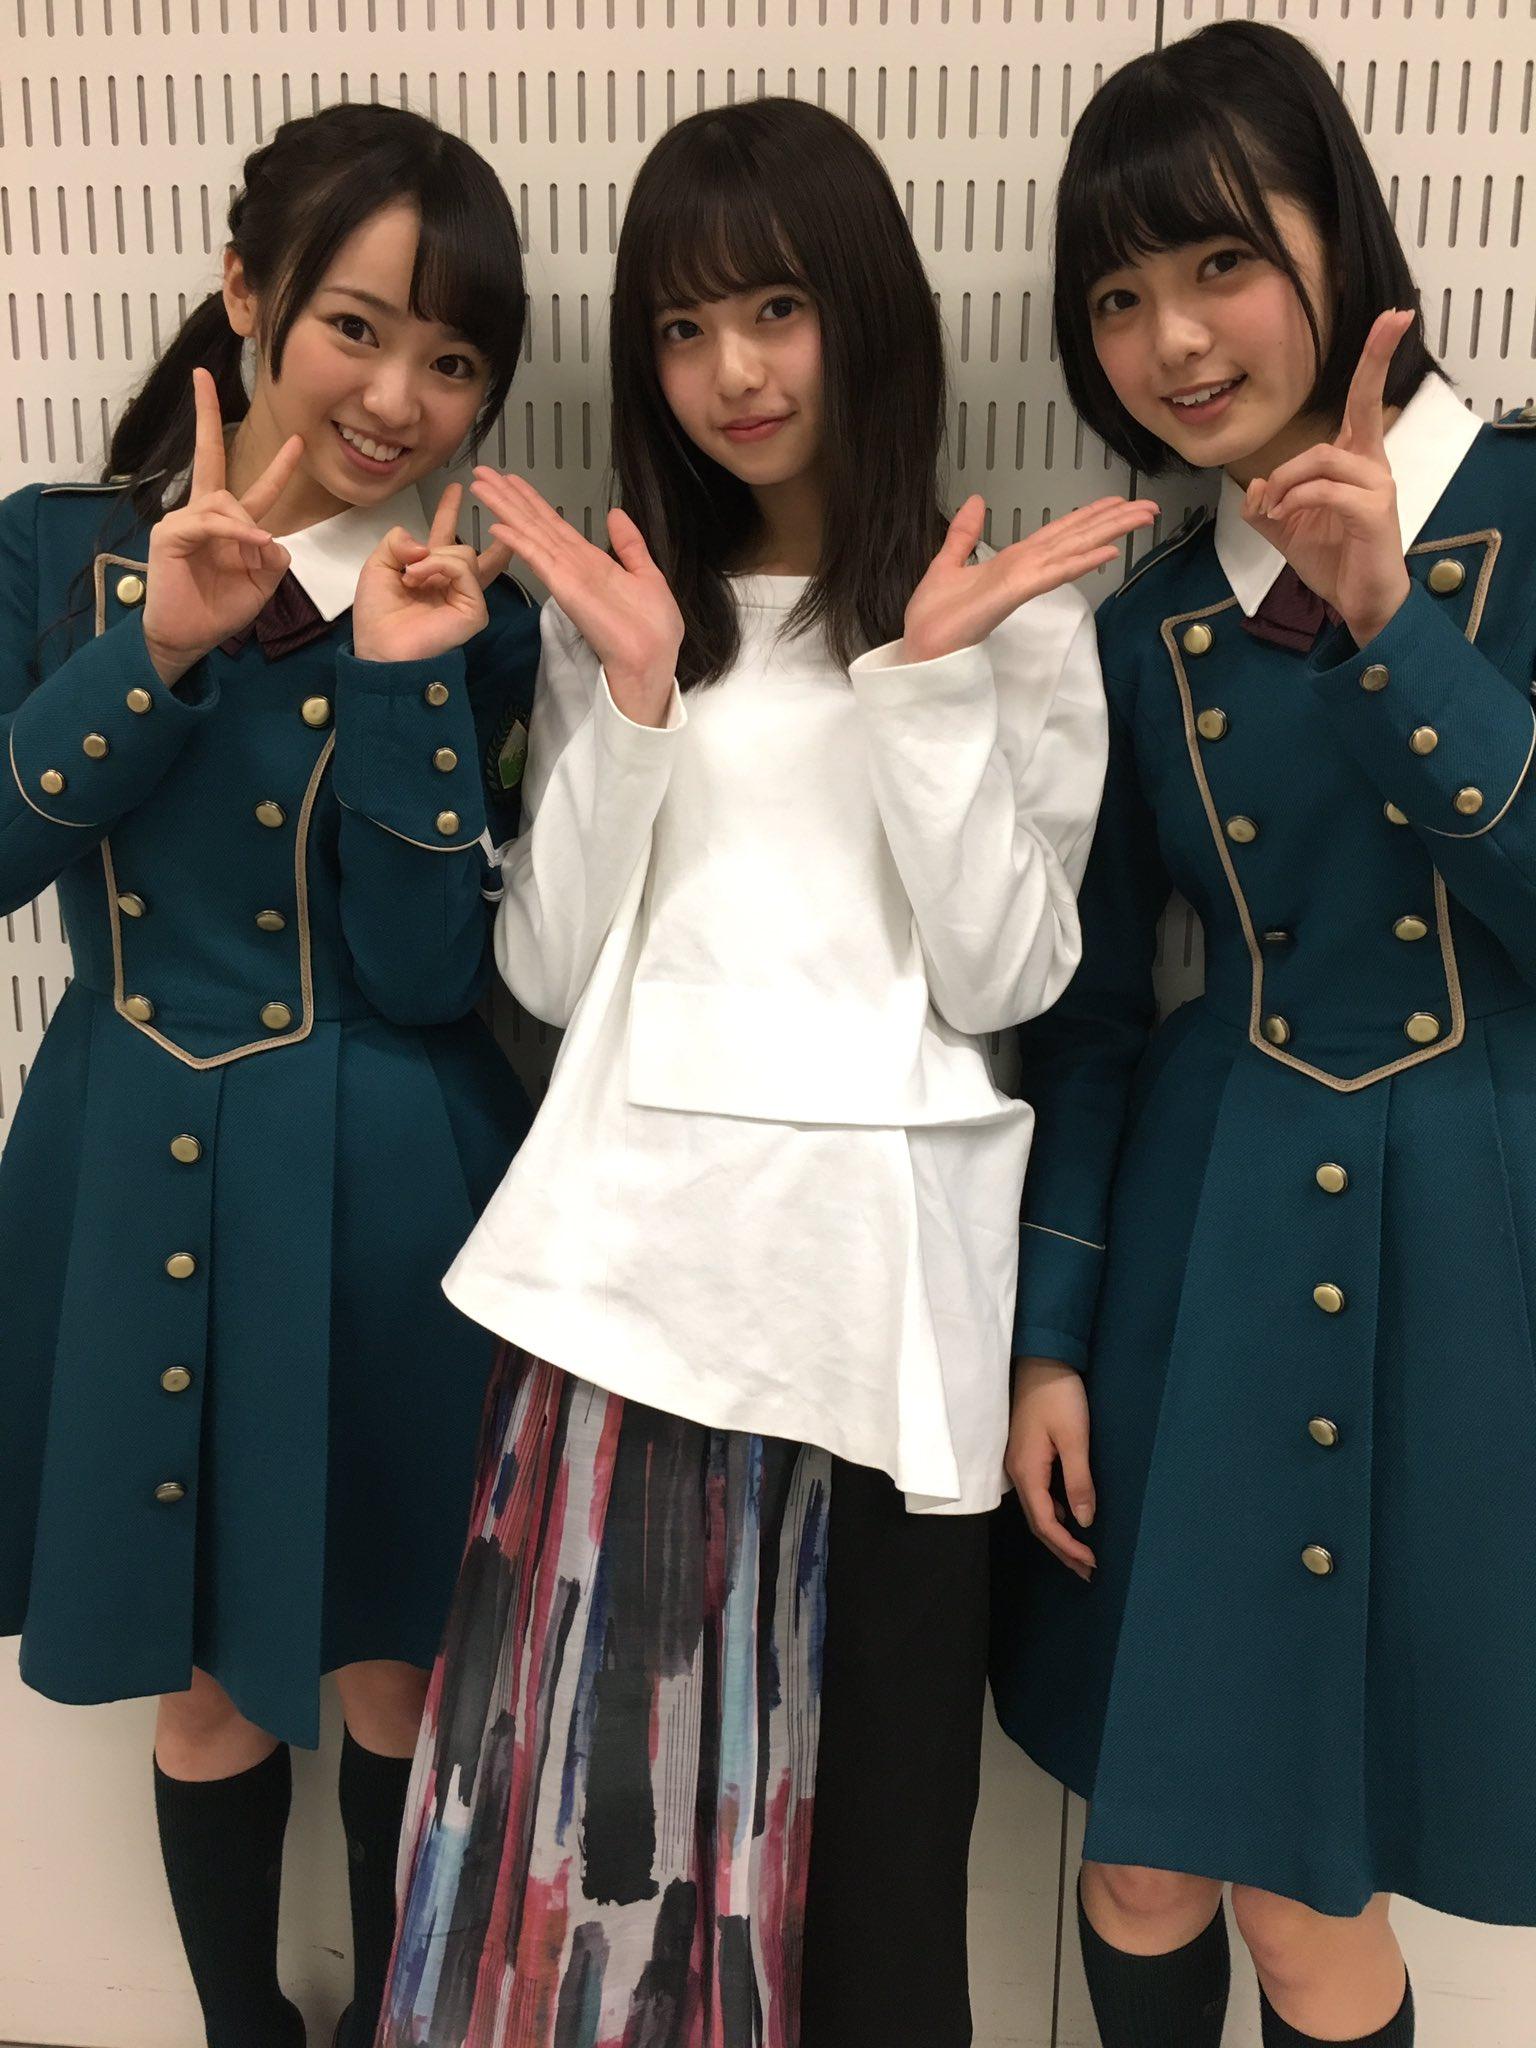 初Mステを終えた欅坂46のお2人と写真を撮りました。 サイレントマジョリティーのダンスとっても好き!まわった時に広がるスカートも好き! あ、乃木坂46 ハルジオンが咲く頃 発売中です(^O^)